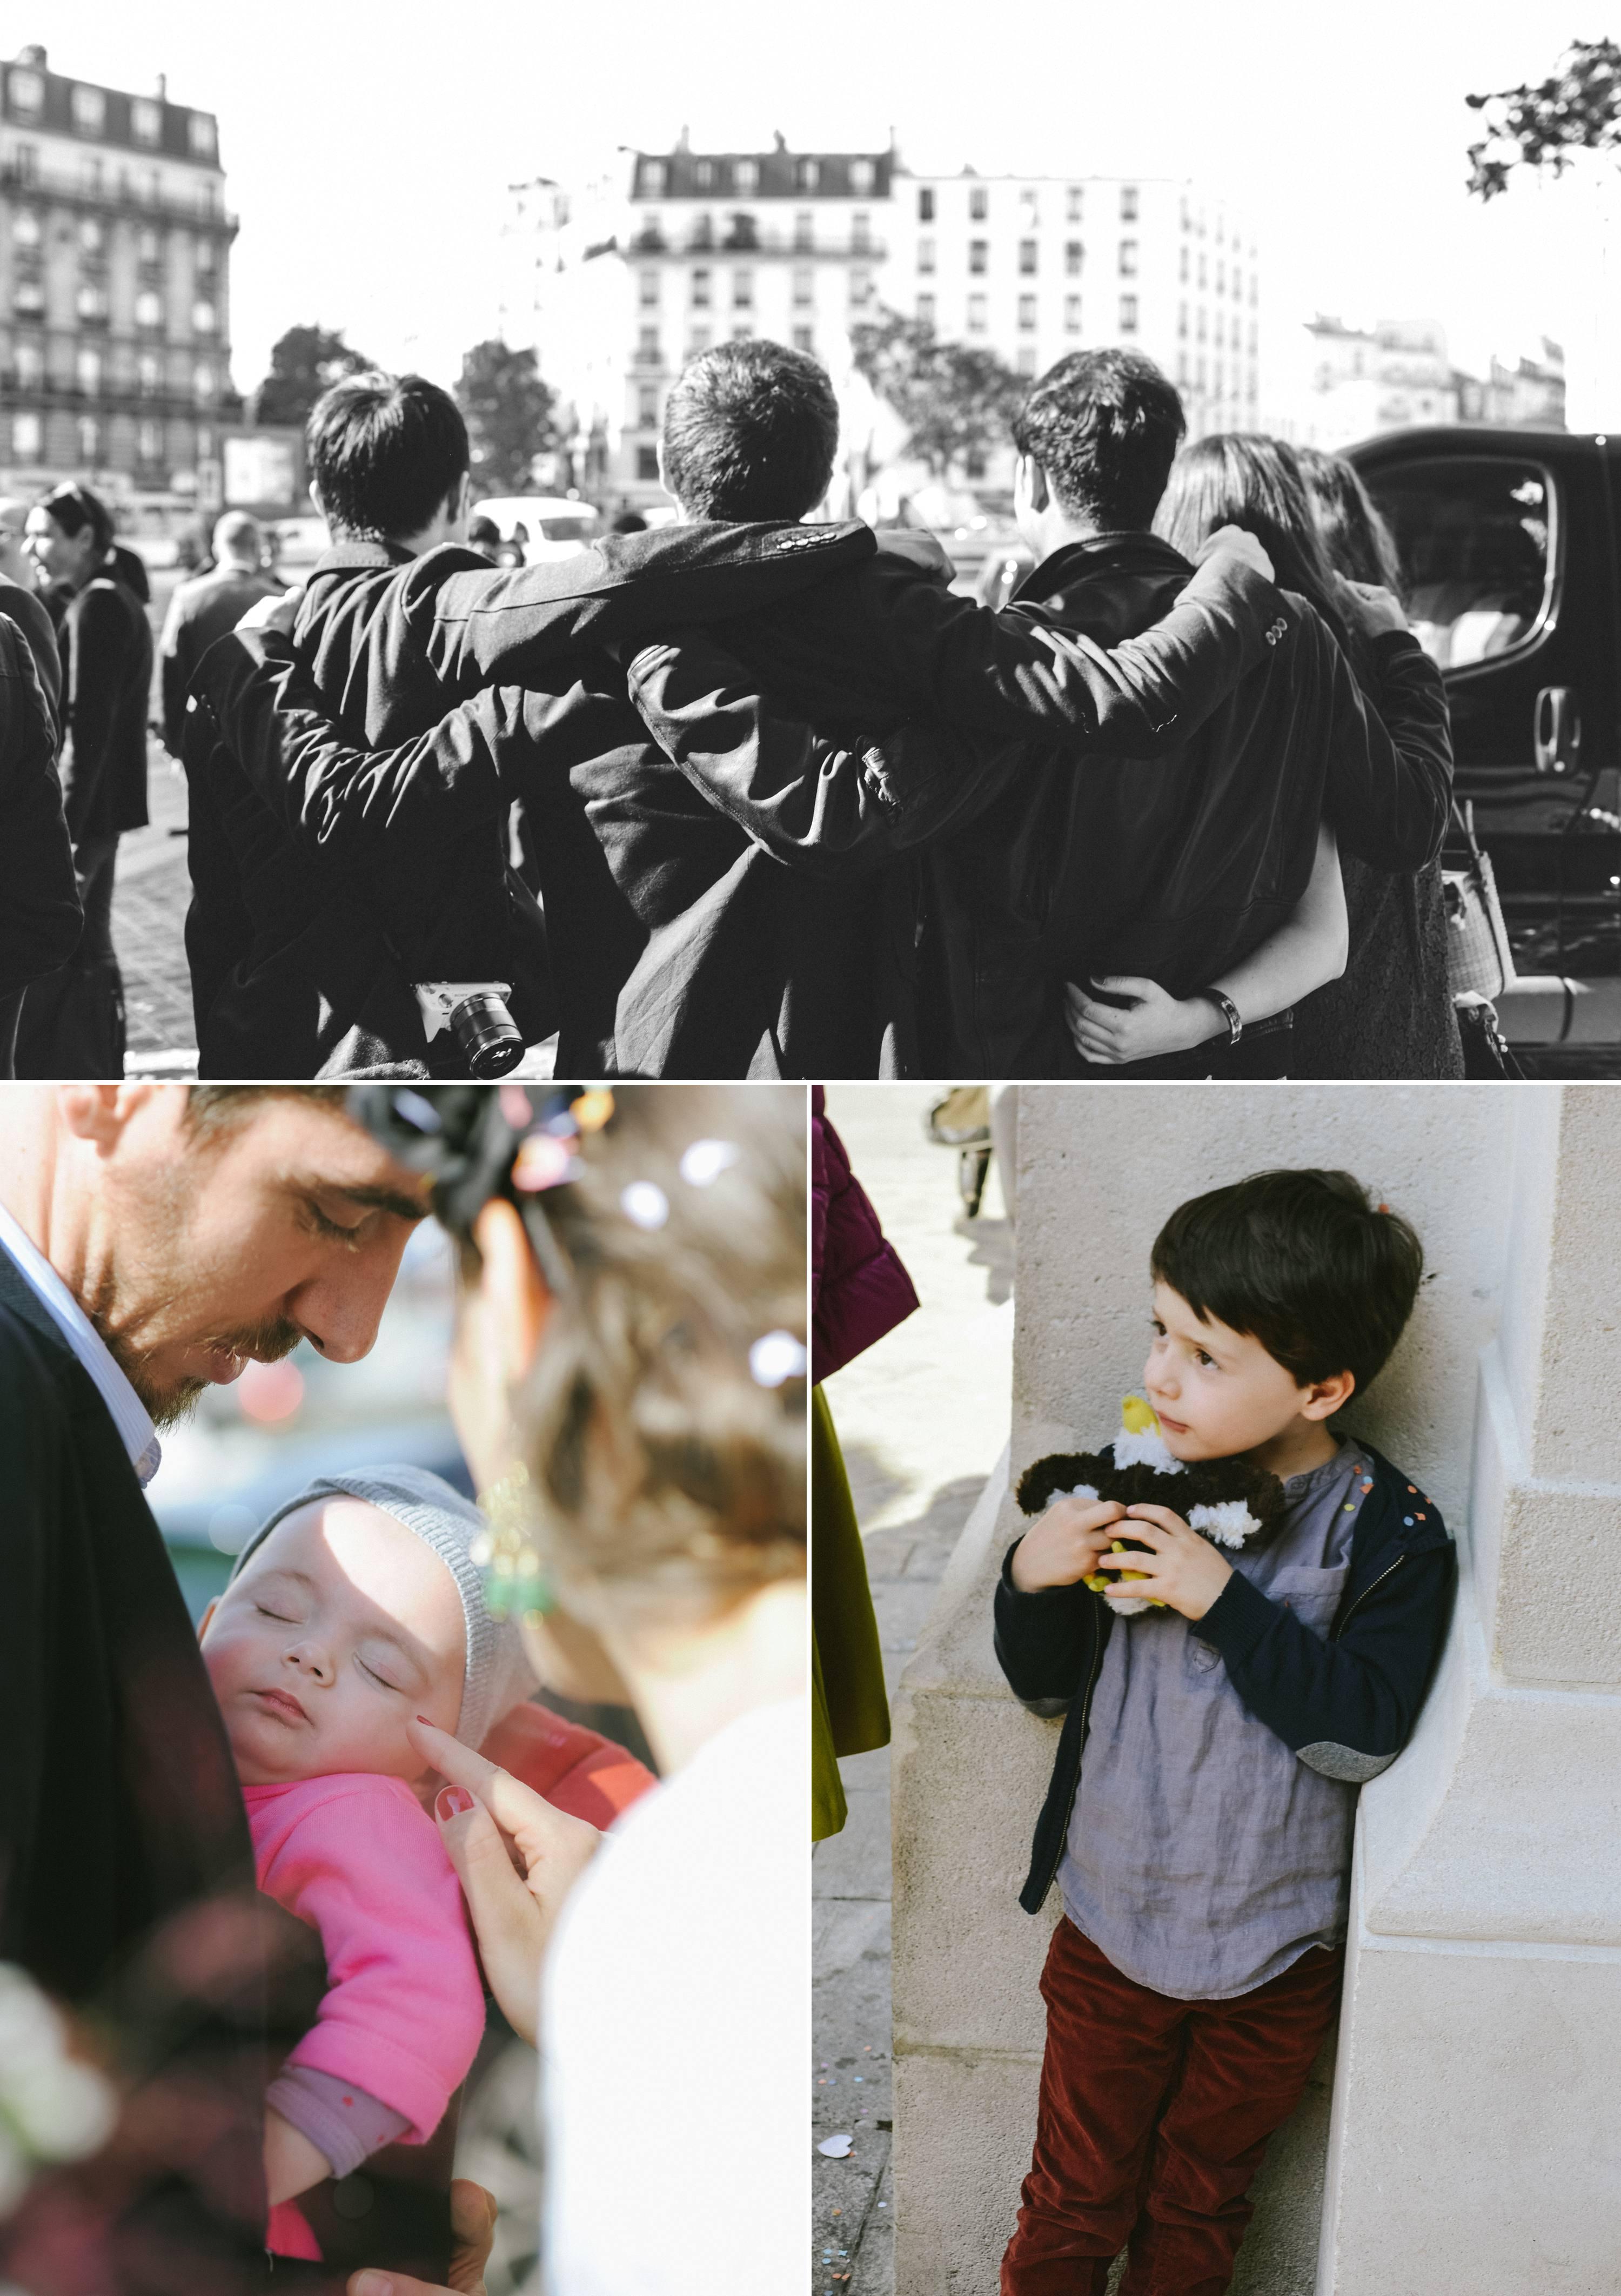 photographe-mariage-enclos-monptlaisir-paris-bordeaux 19